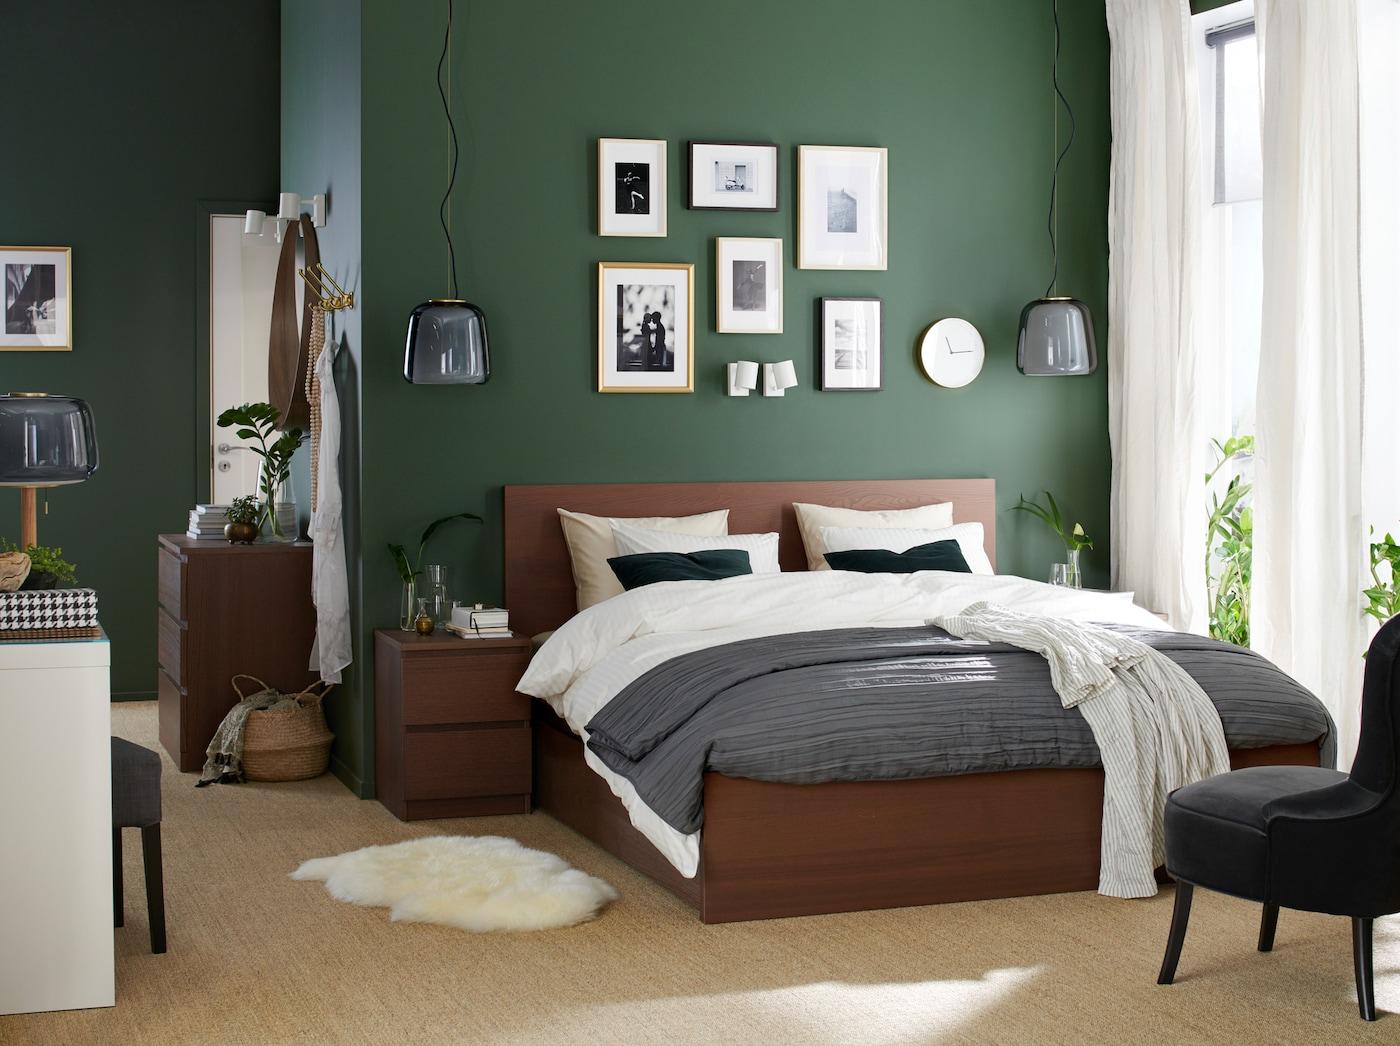 Um quarto com uma estrutura de cama e mesa de cabeceira em chapa de freixo com velatura castanha, um toucador branco e uma poltrona em cinzento.